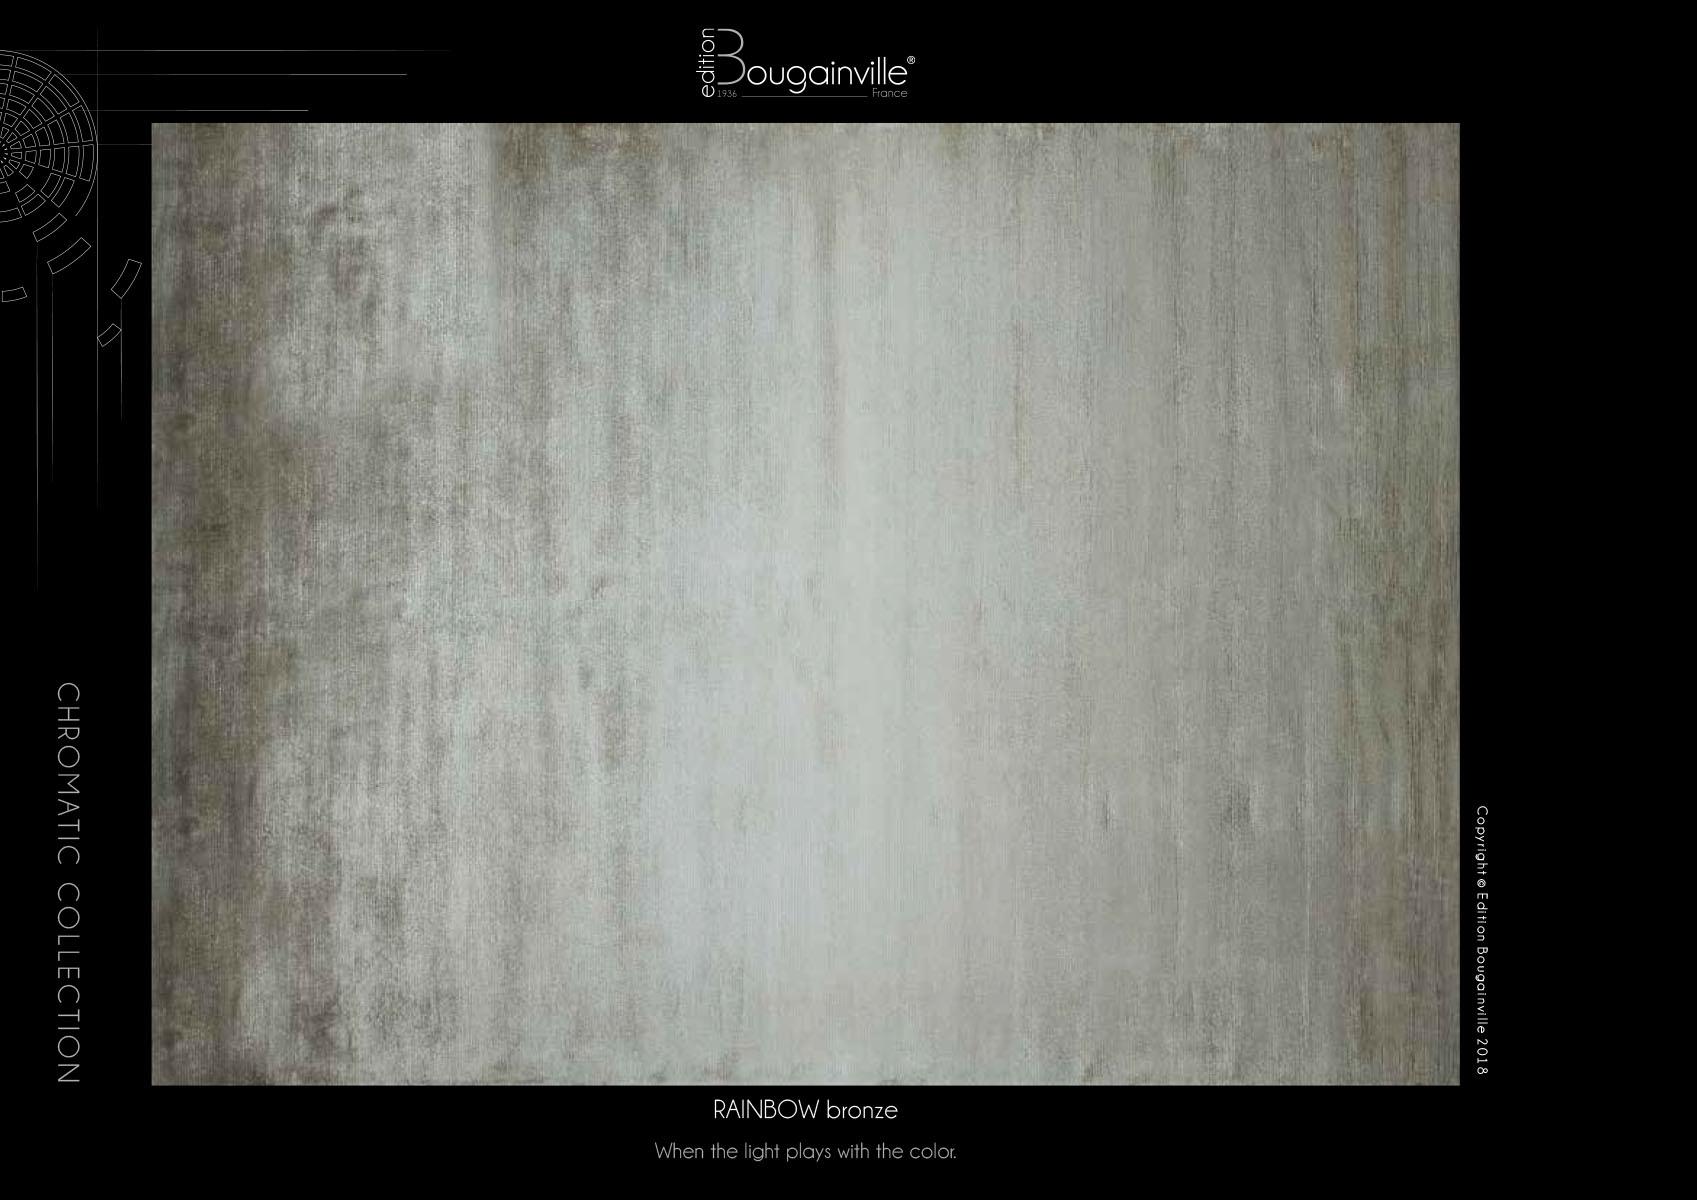 Ковер Edition Bougainville, RAINBOW bronze